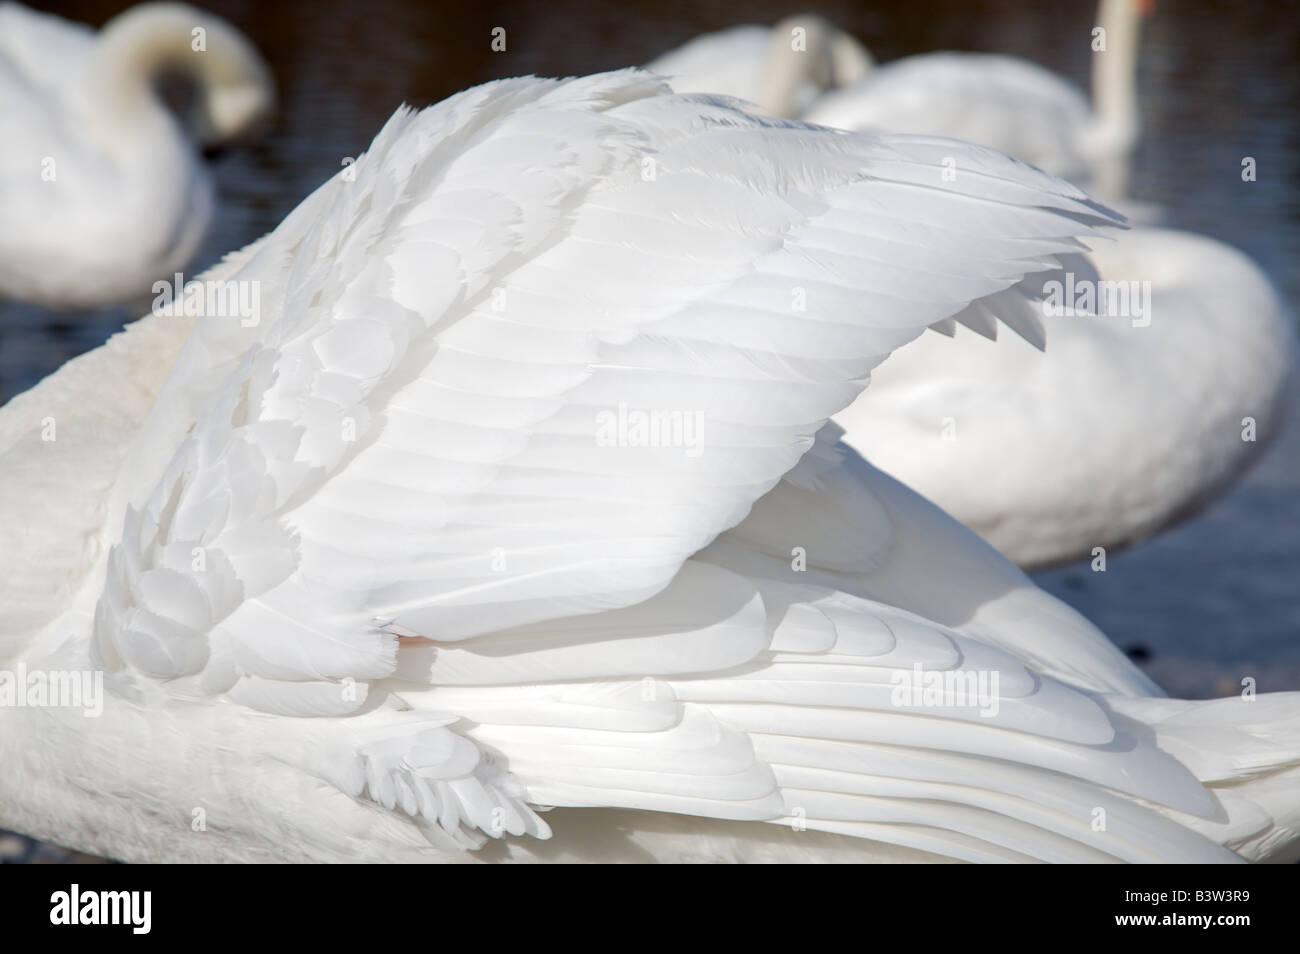 plumage of swan on river Isar Munich Bavaria Gefieder eines Schwans an der Isar  Cygnini München Bayern - Stock Image